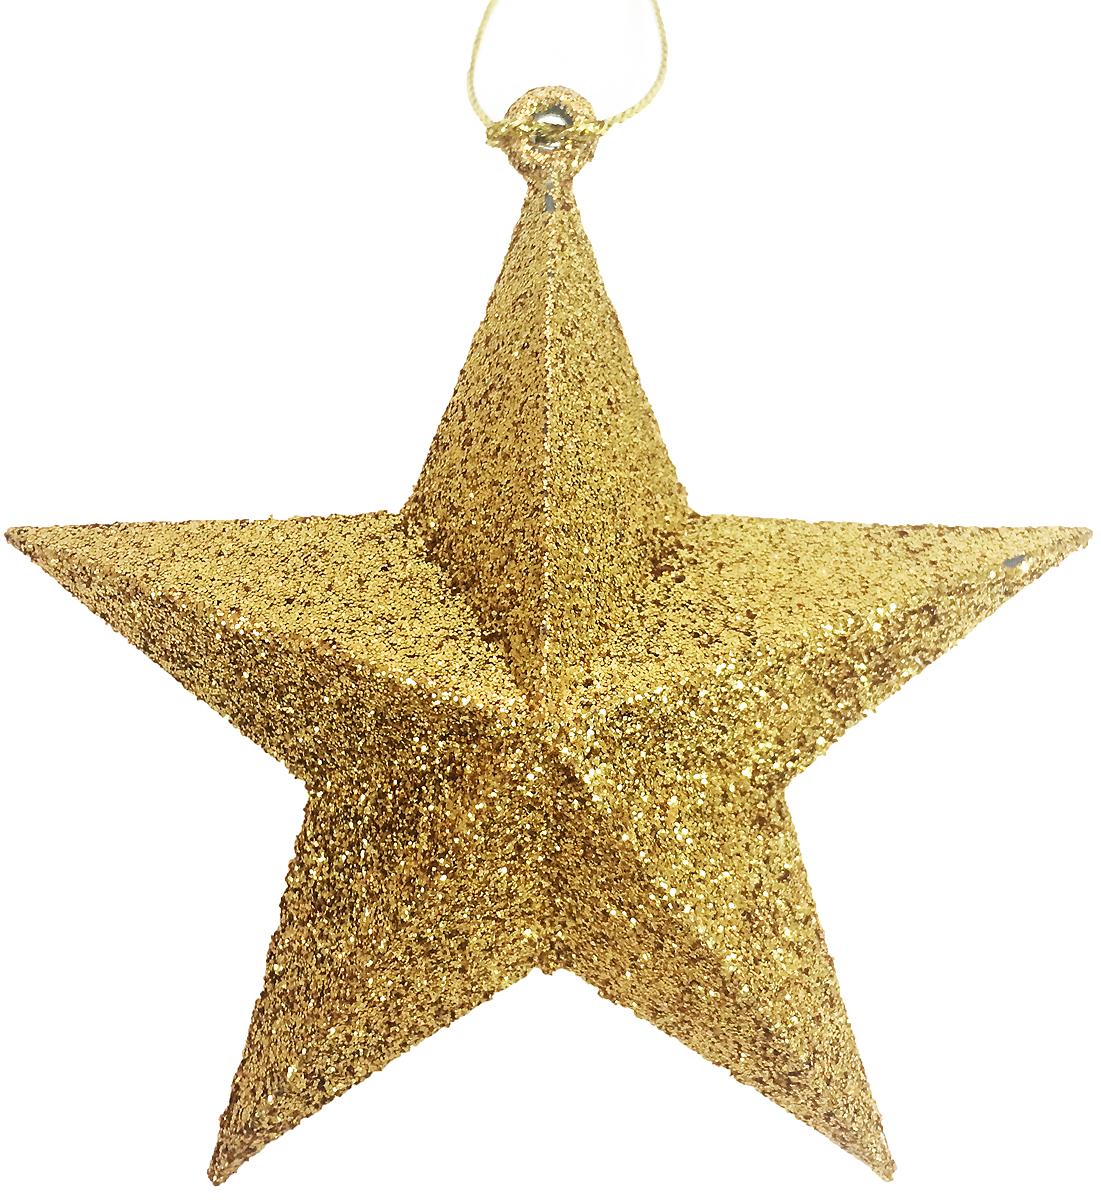 Украшение новогоднее подвесное Magic Time Звезда в золотом глиттере, 9 х 9 х 3 см38732/75107Новогоднее подвесное украшение Magic Time Звезда в золотом глиттере выполнено из пластика в виде звезды и украшено блестками. С помощью специальной петельки украшение можно повесить в любом понравившемся вам месте. Но, конечно, удачнее всего оно будет смотреться на праздничной елке.Елочная игрушка - символ Нового года. Она несет в себе волшебство и красоту праздника. Создайте в своем доме атмосферу веселья и радости, украшая новогоднюю елку нарядными игрушками, которые будут из года в год накапливать теплоту воспоминаний.